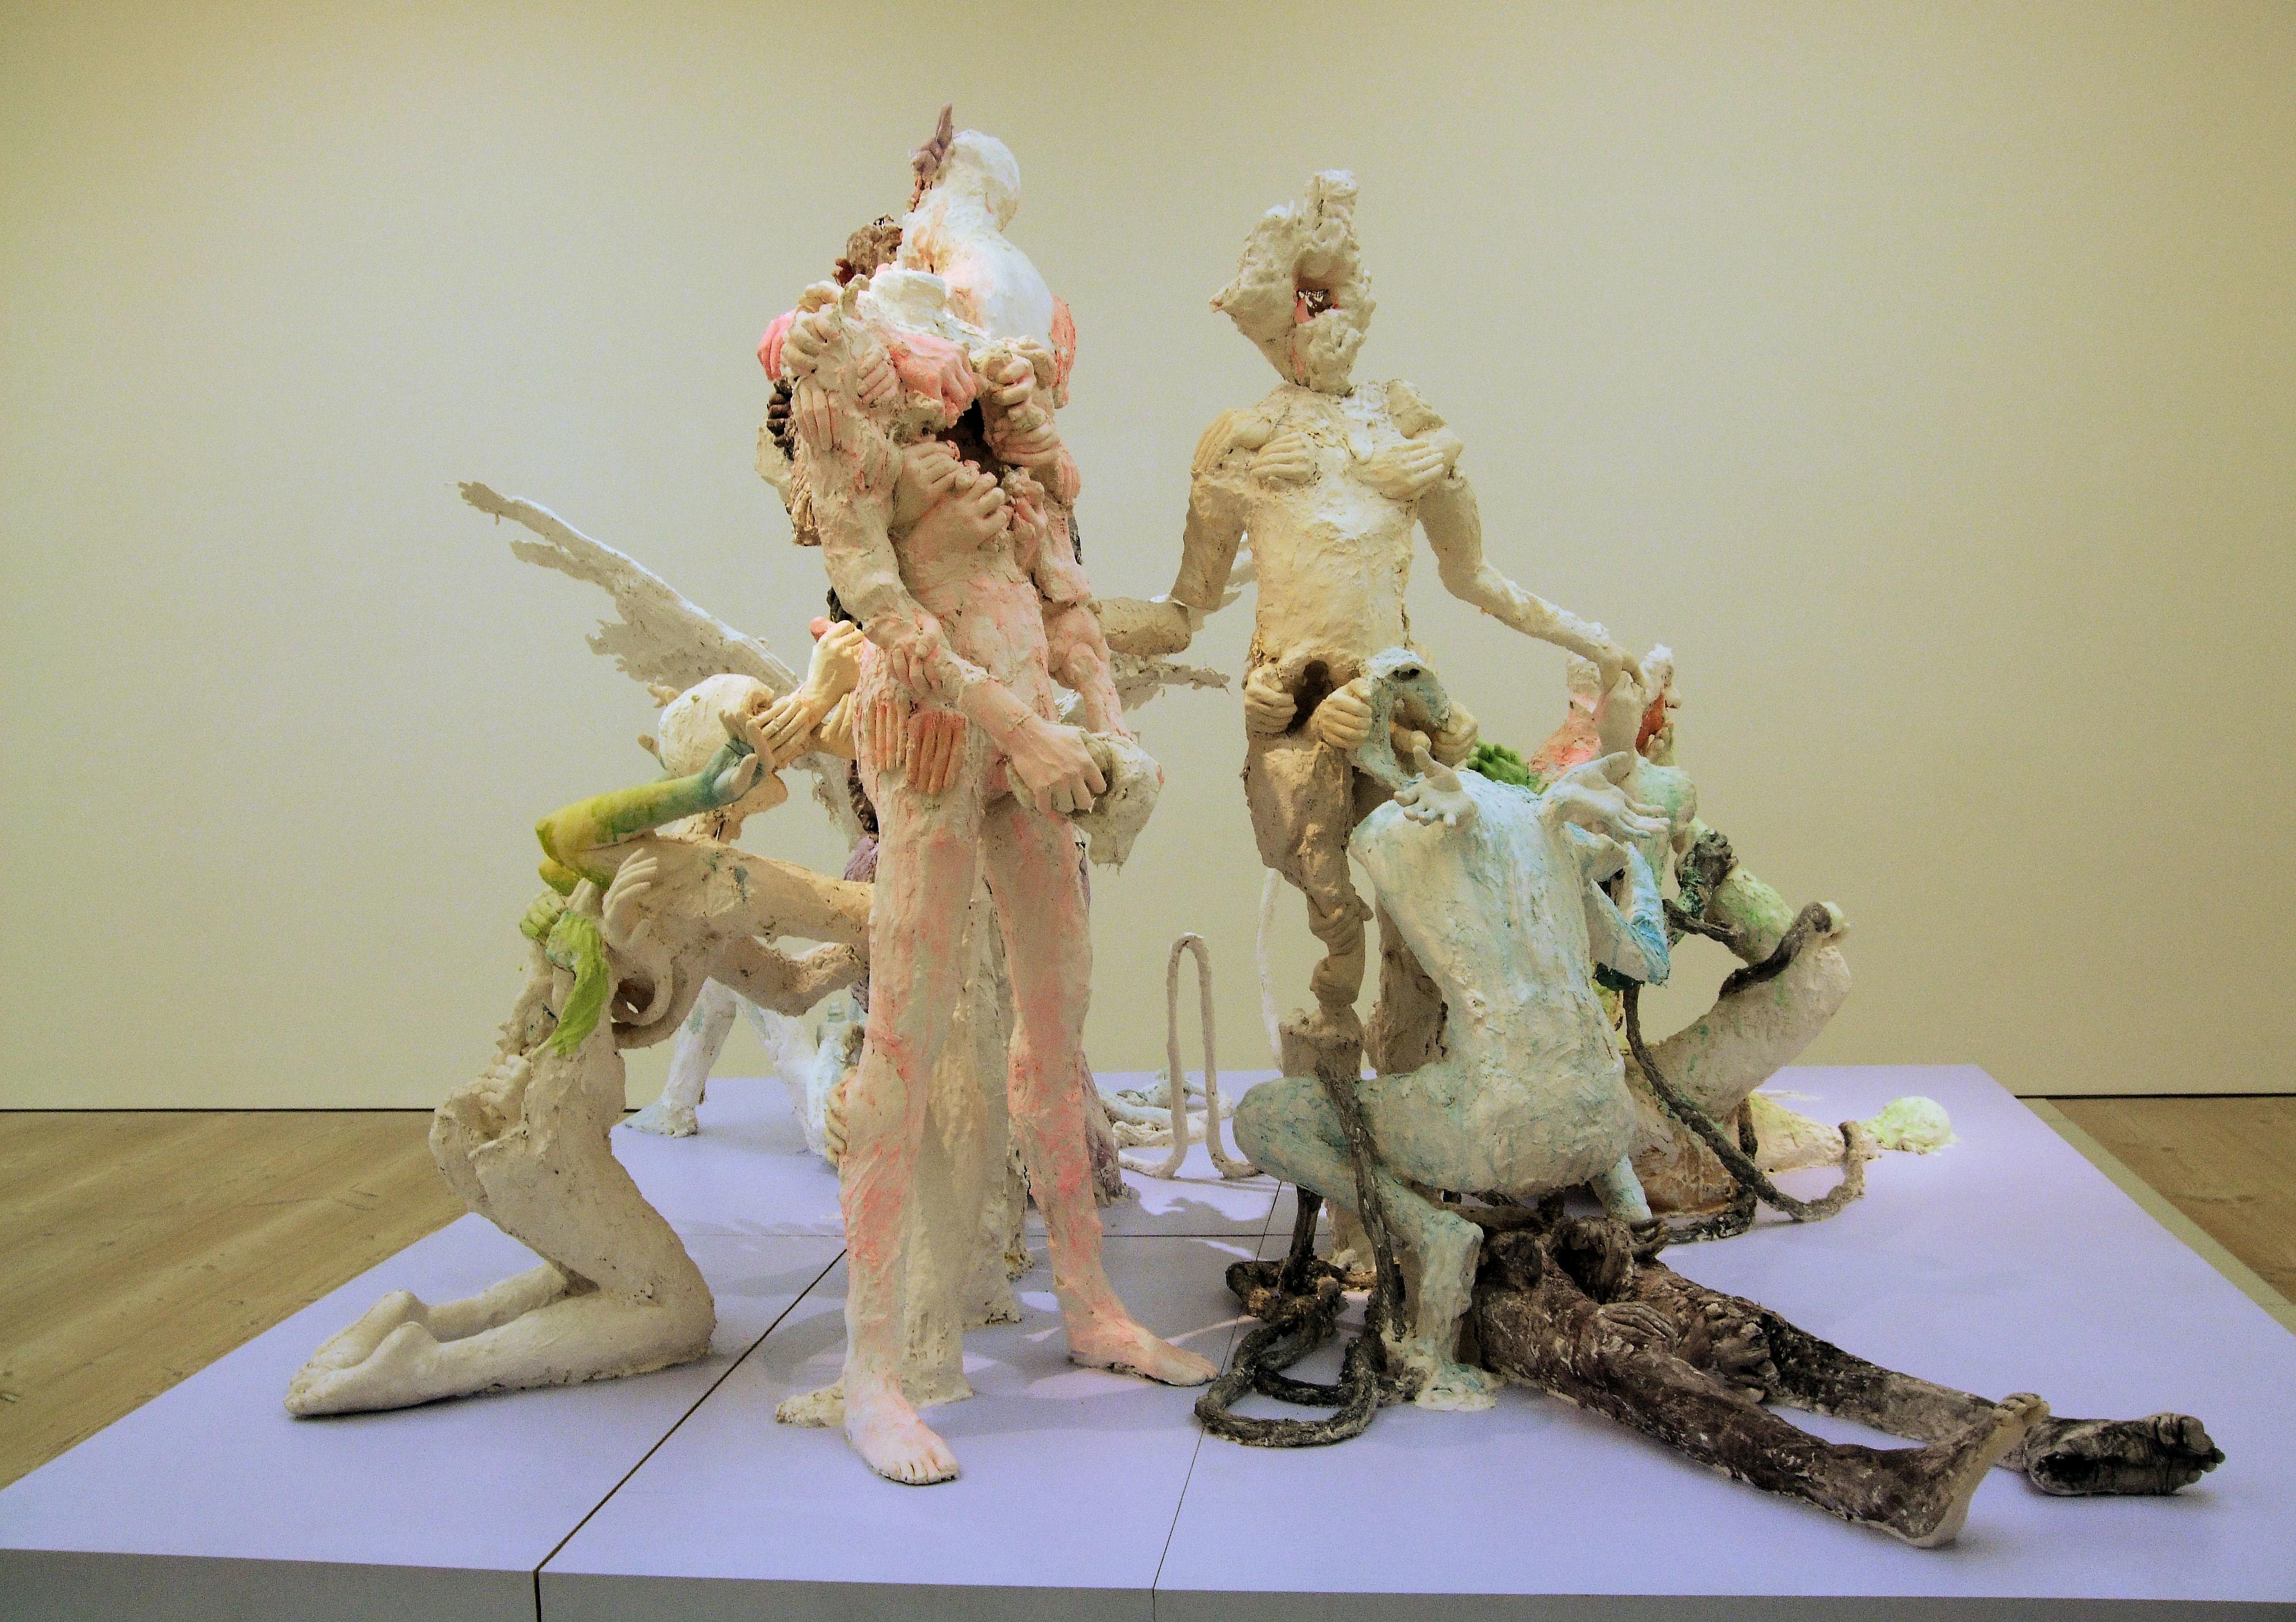 The Healers By David Altmejd, Saatchi Gallery - London. - Jim Linwood